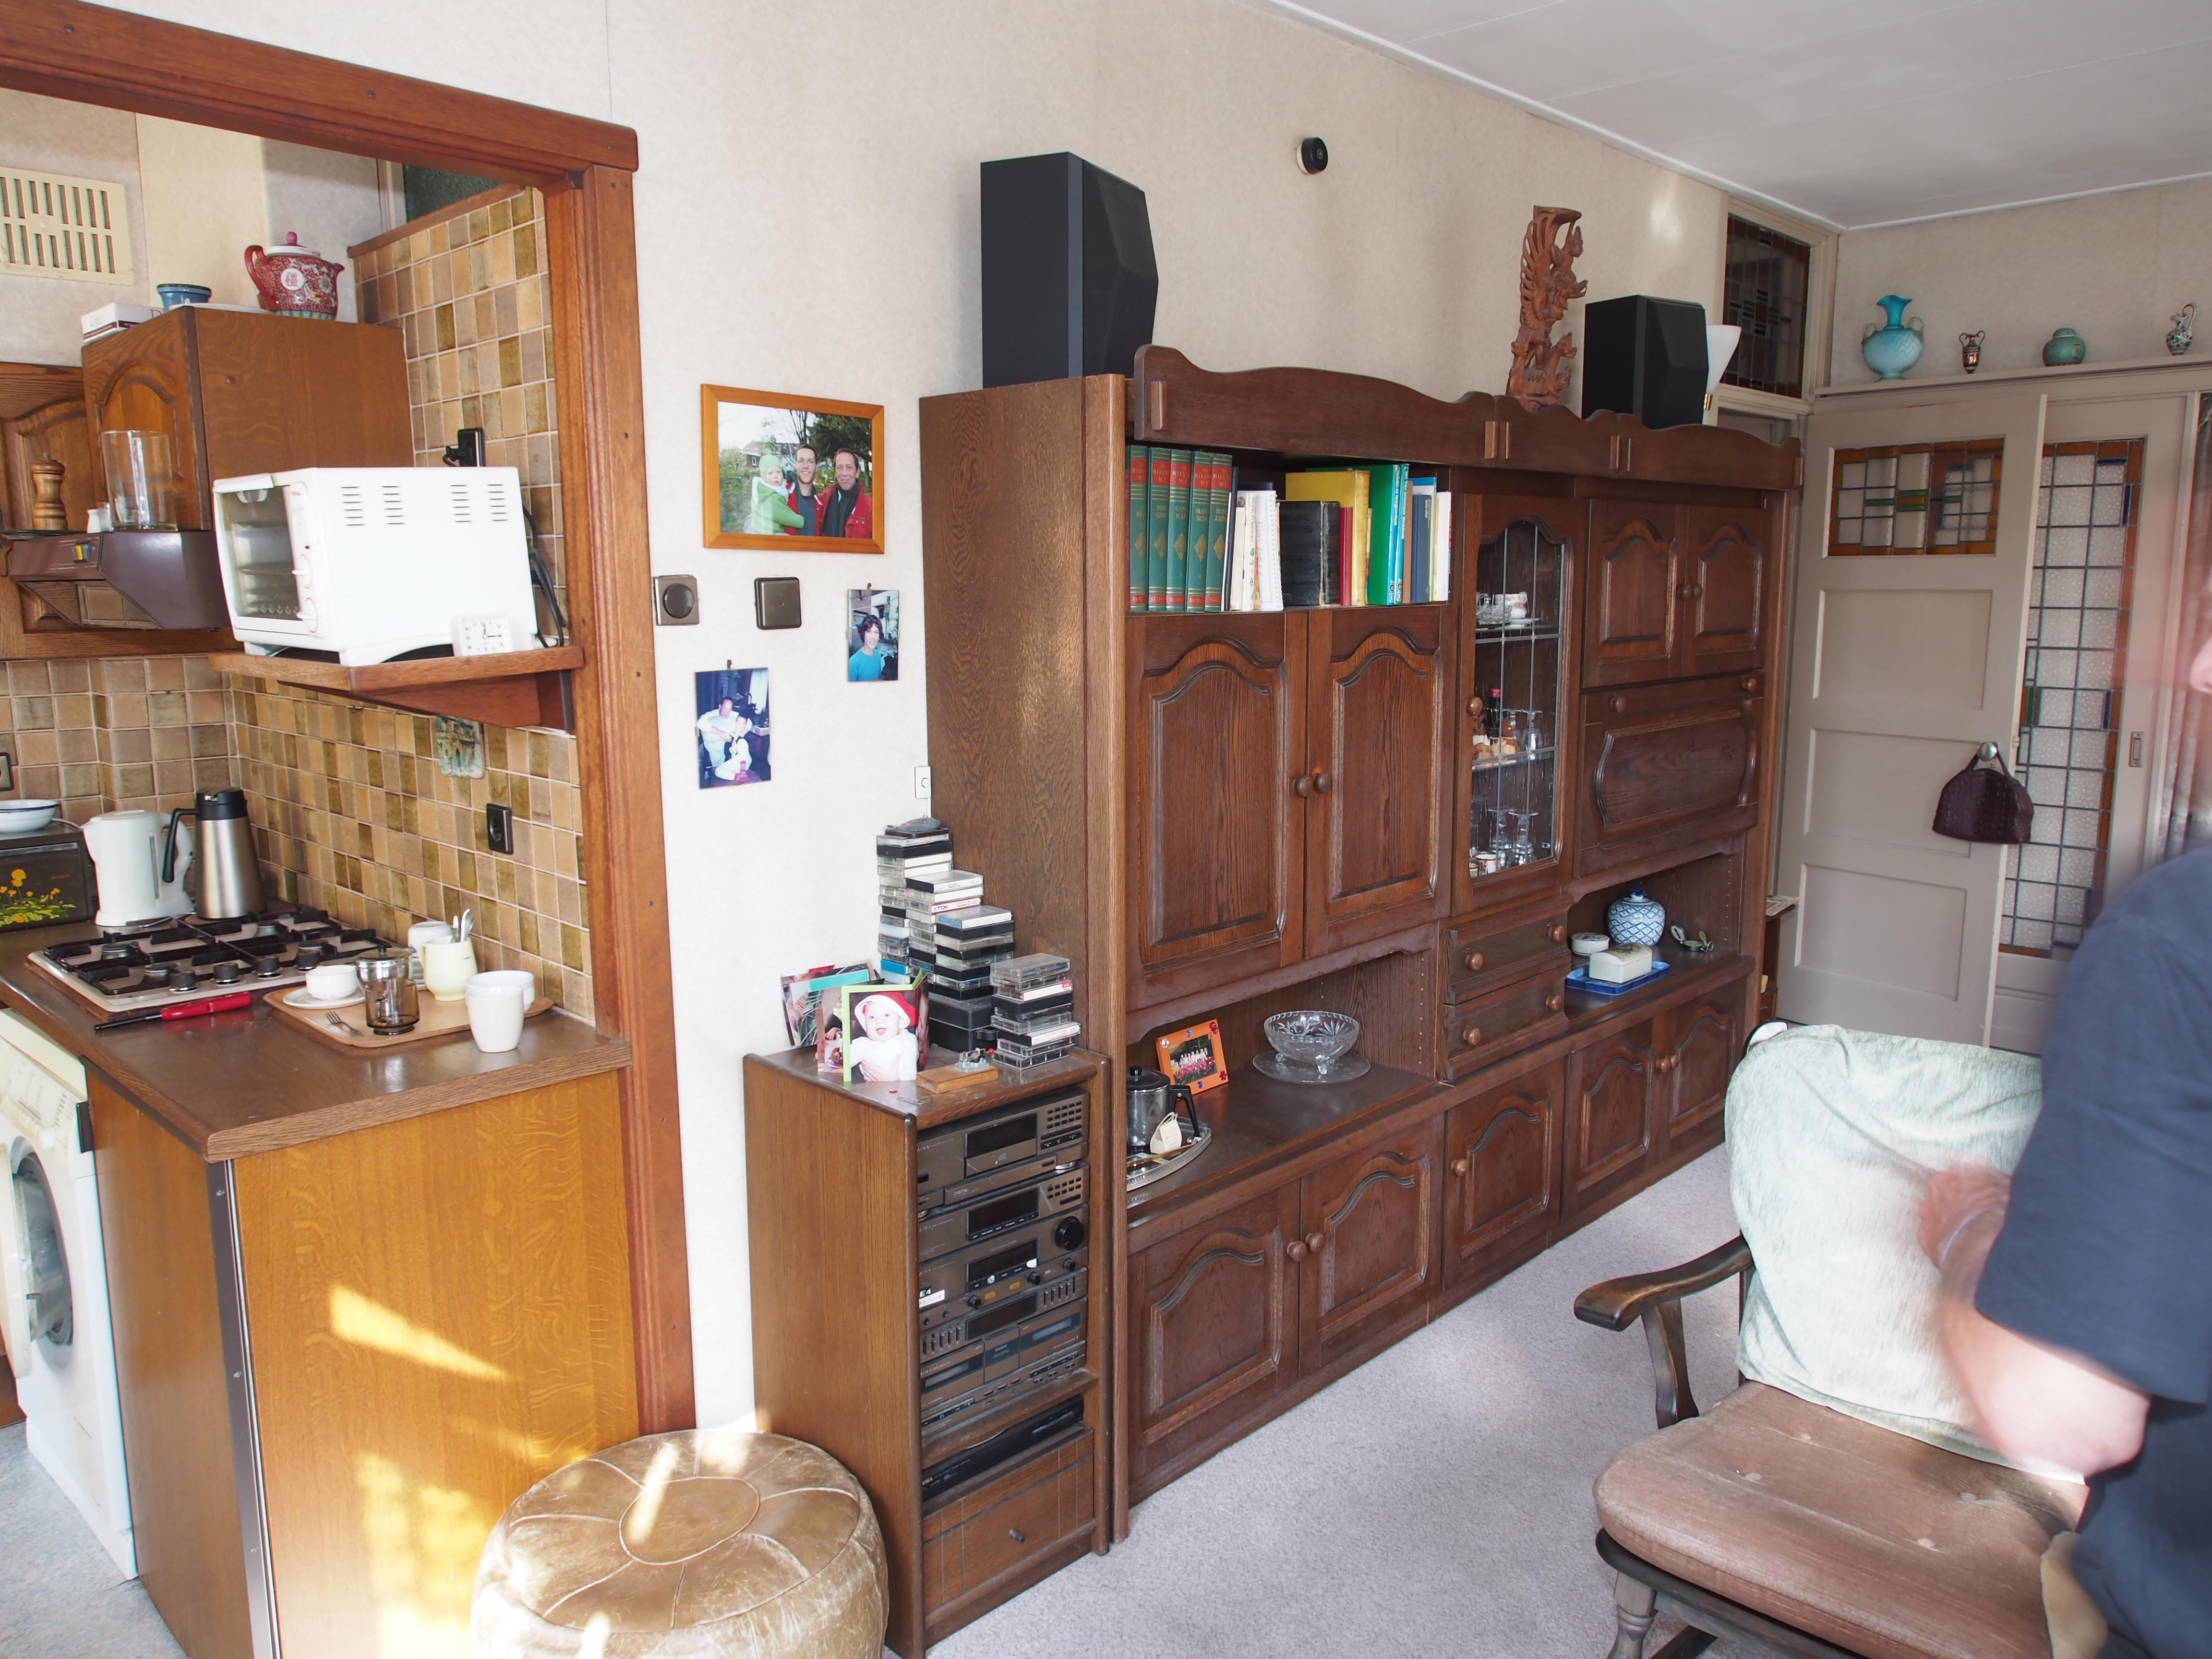 #9D652E22381872 File:Klassieke Inrichting Woning Eerste Breeuwersstraat 52 Foto 7  Aanbevolen Inrichting Huis 3429 afbeelding/foto 460834563429 beeld